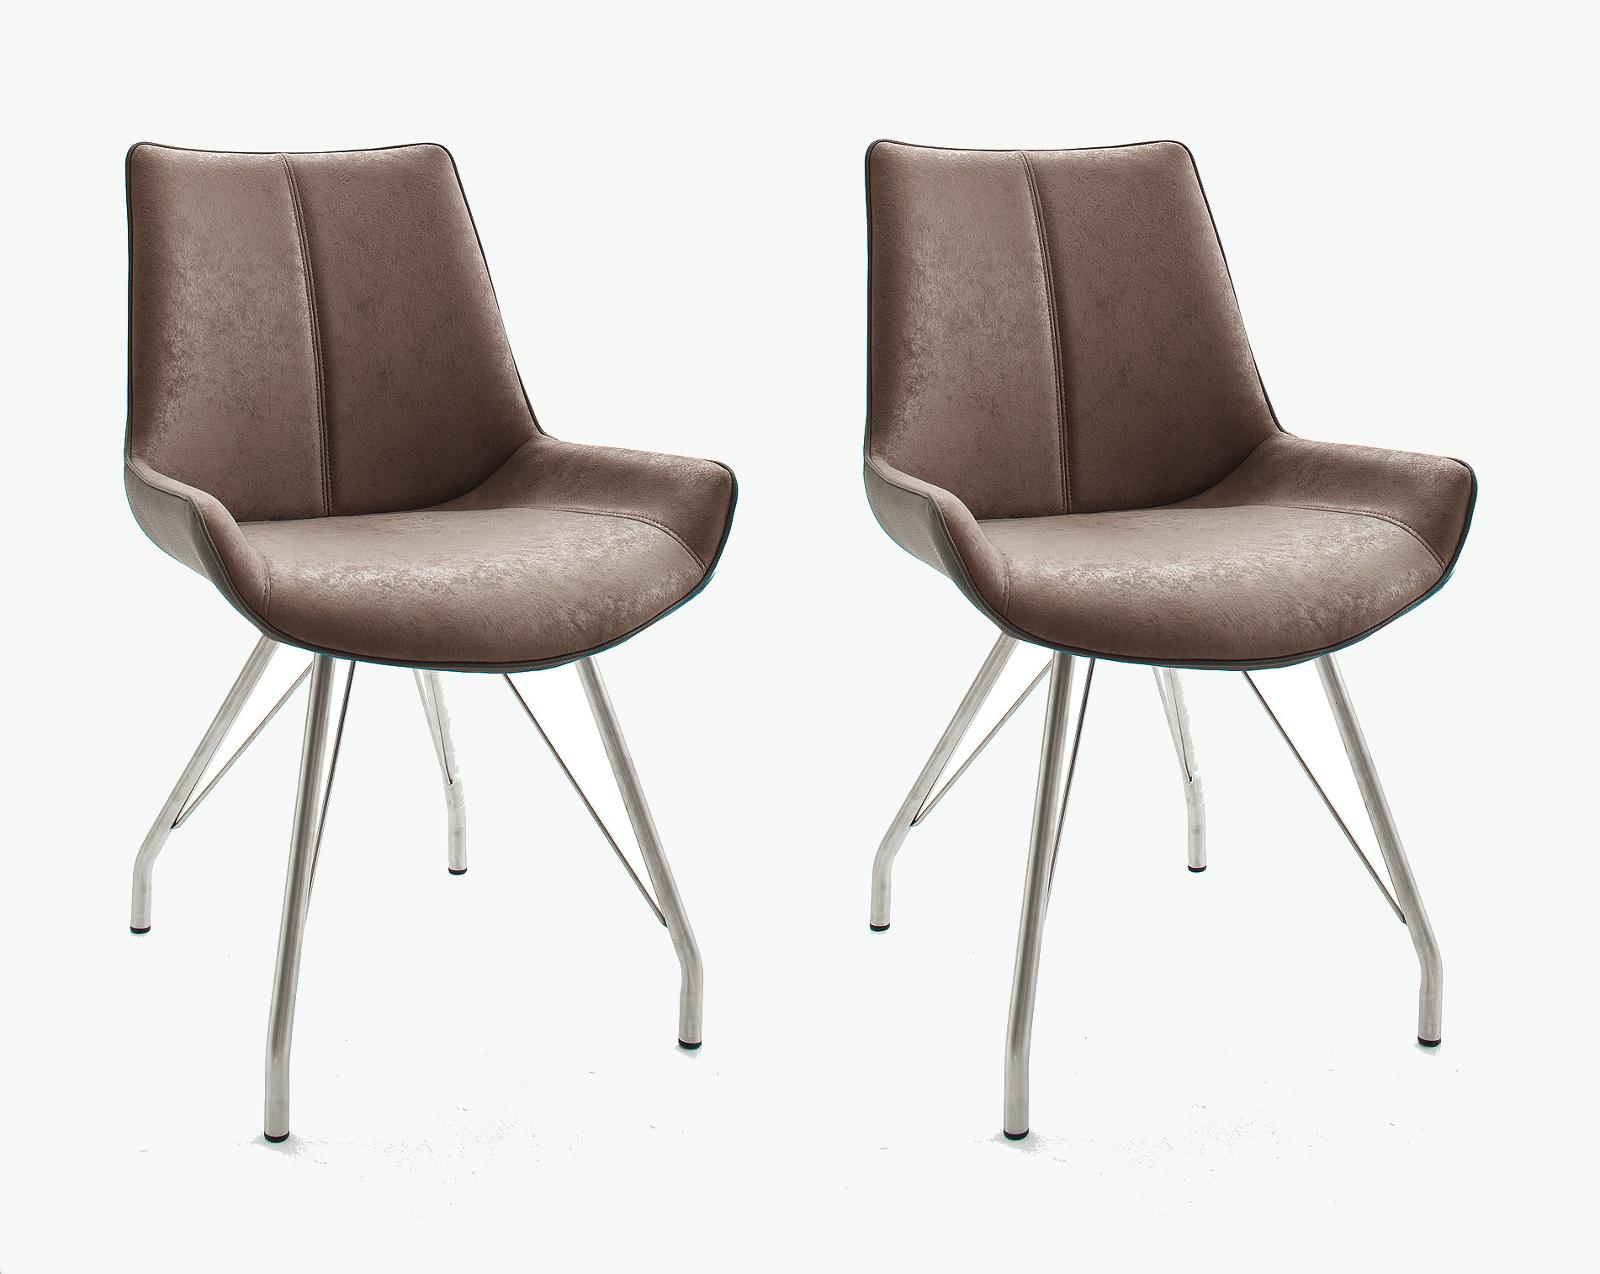 2 x Stuhl Danita in Cappuccino Vintage Kunstleder und Edelstahl 4 Fuß Gestell Esszimmerstuhl 2er Set Schalenstuhl